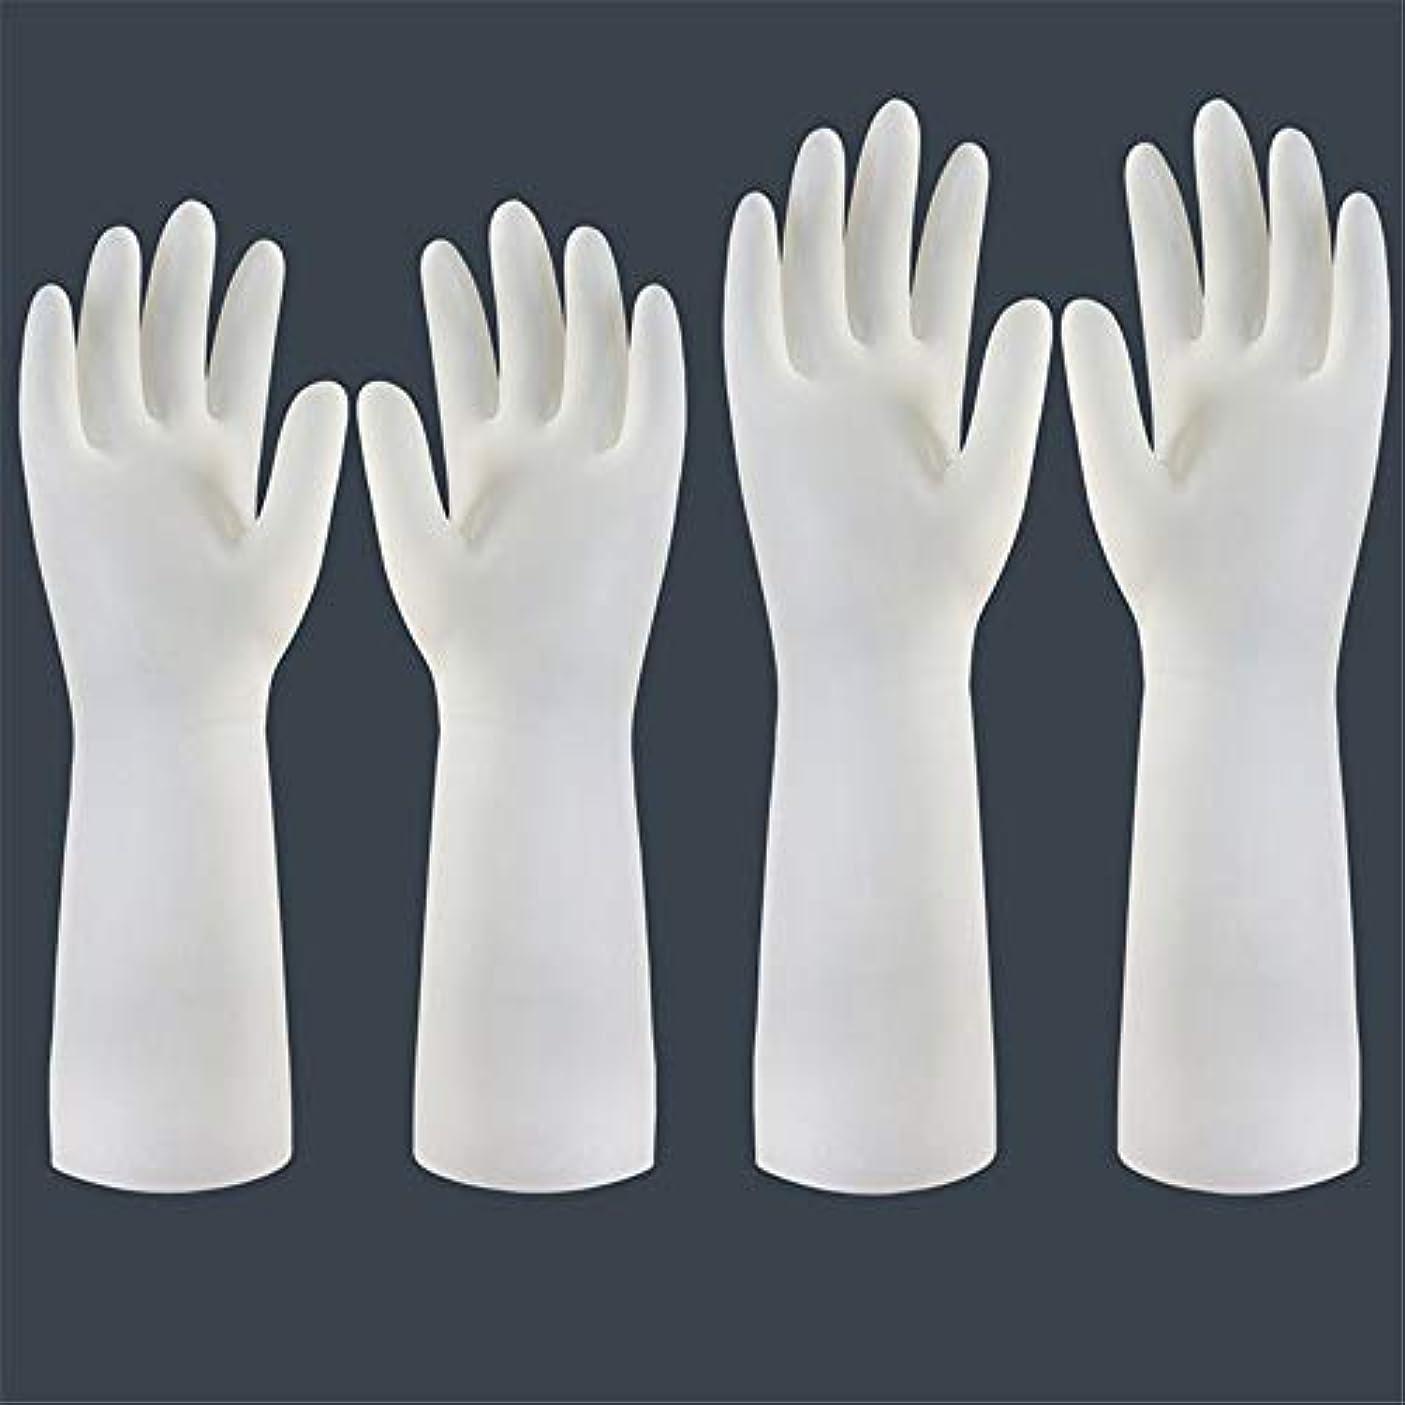 リンスゴルフオフニトリルゴム手袋 使い捨て手袋の防水および耐久のゴム製台所手袋、小/中/大 使い捨て手袋 (Color : Short+long, Size : M)